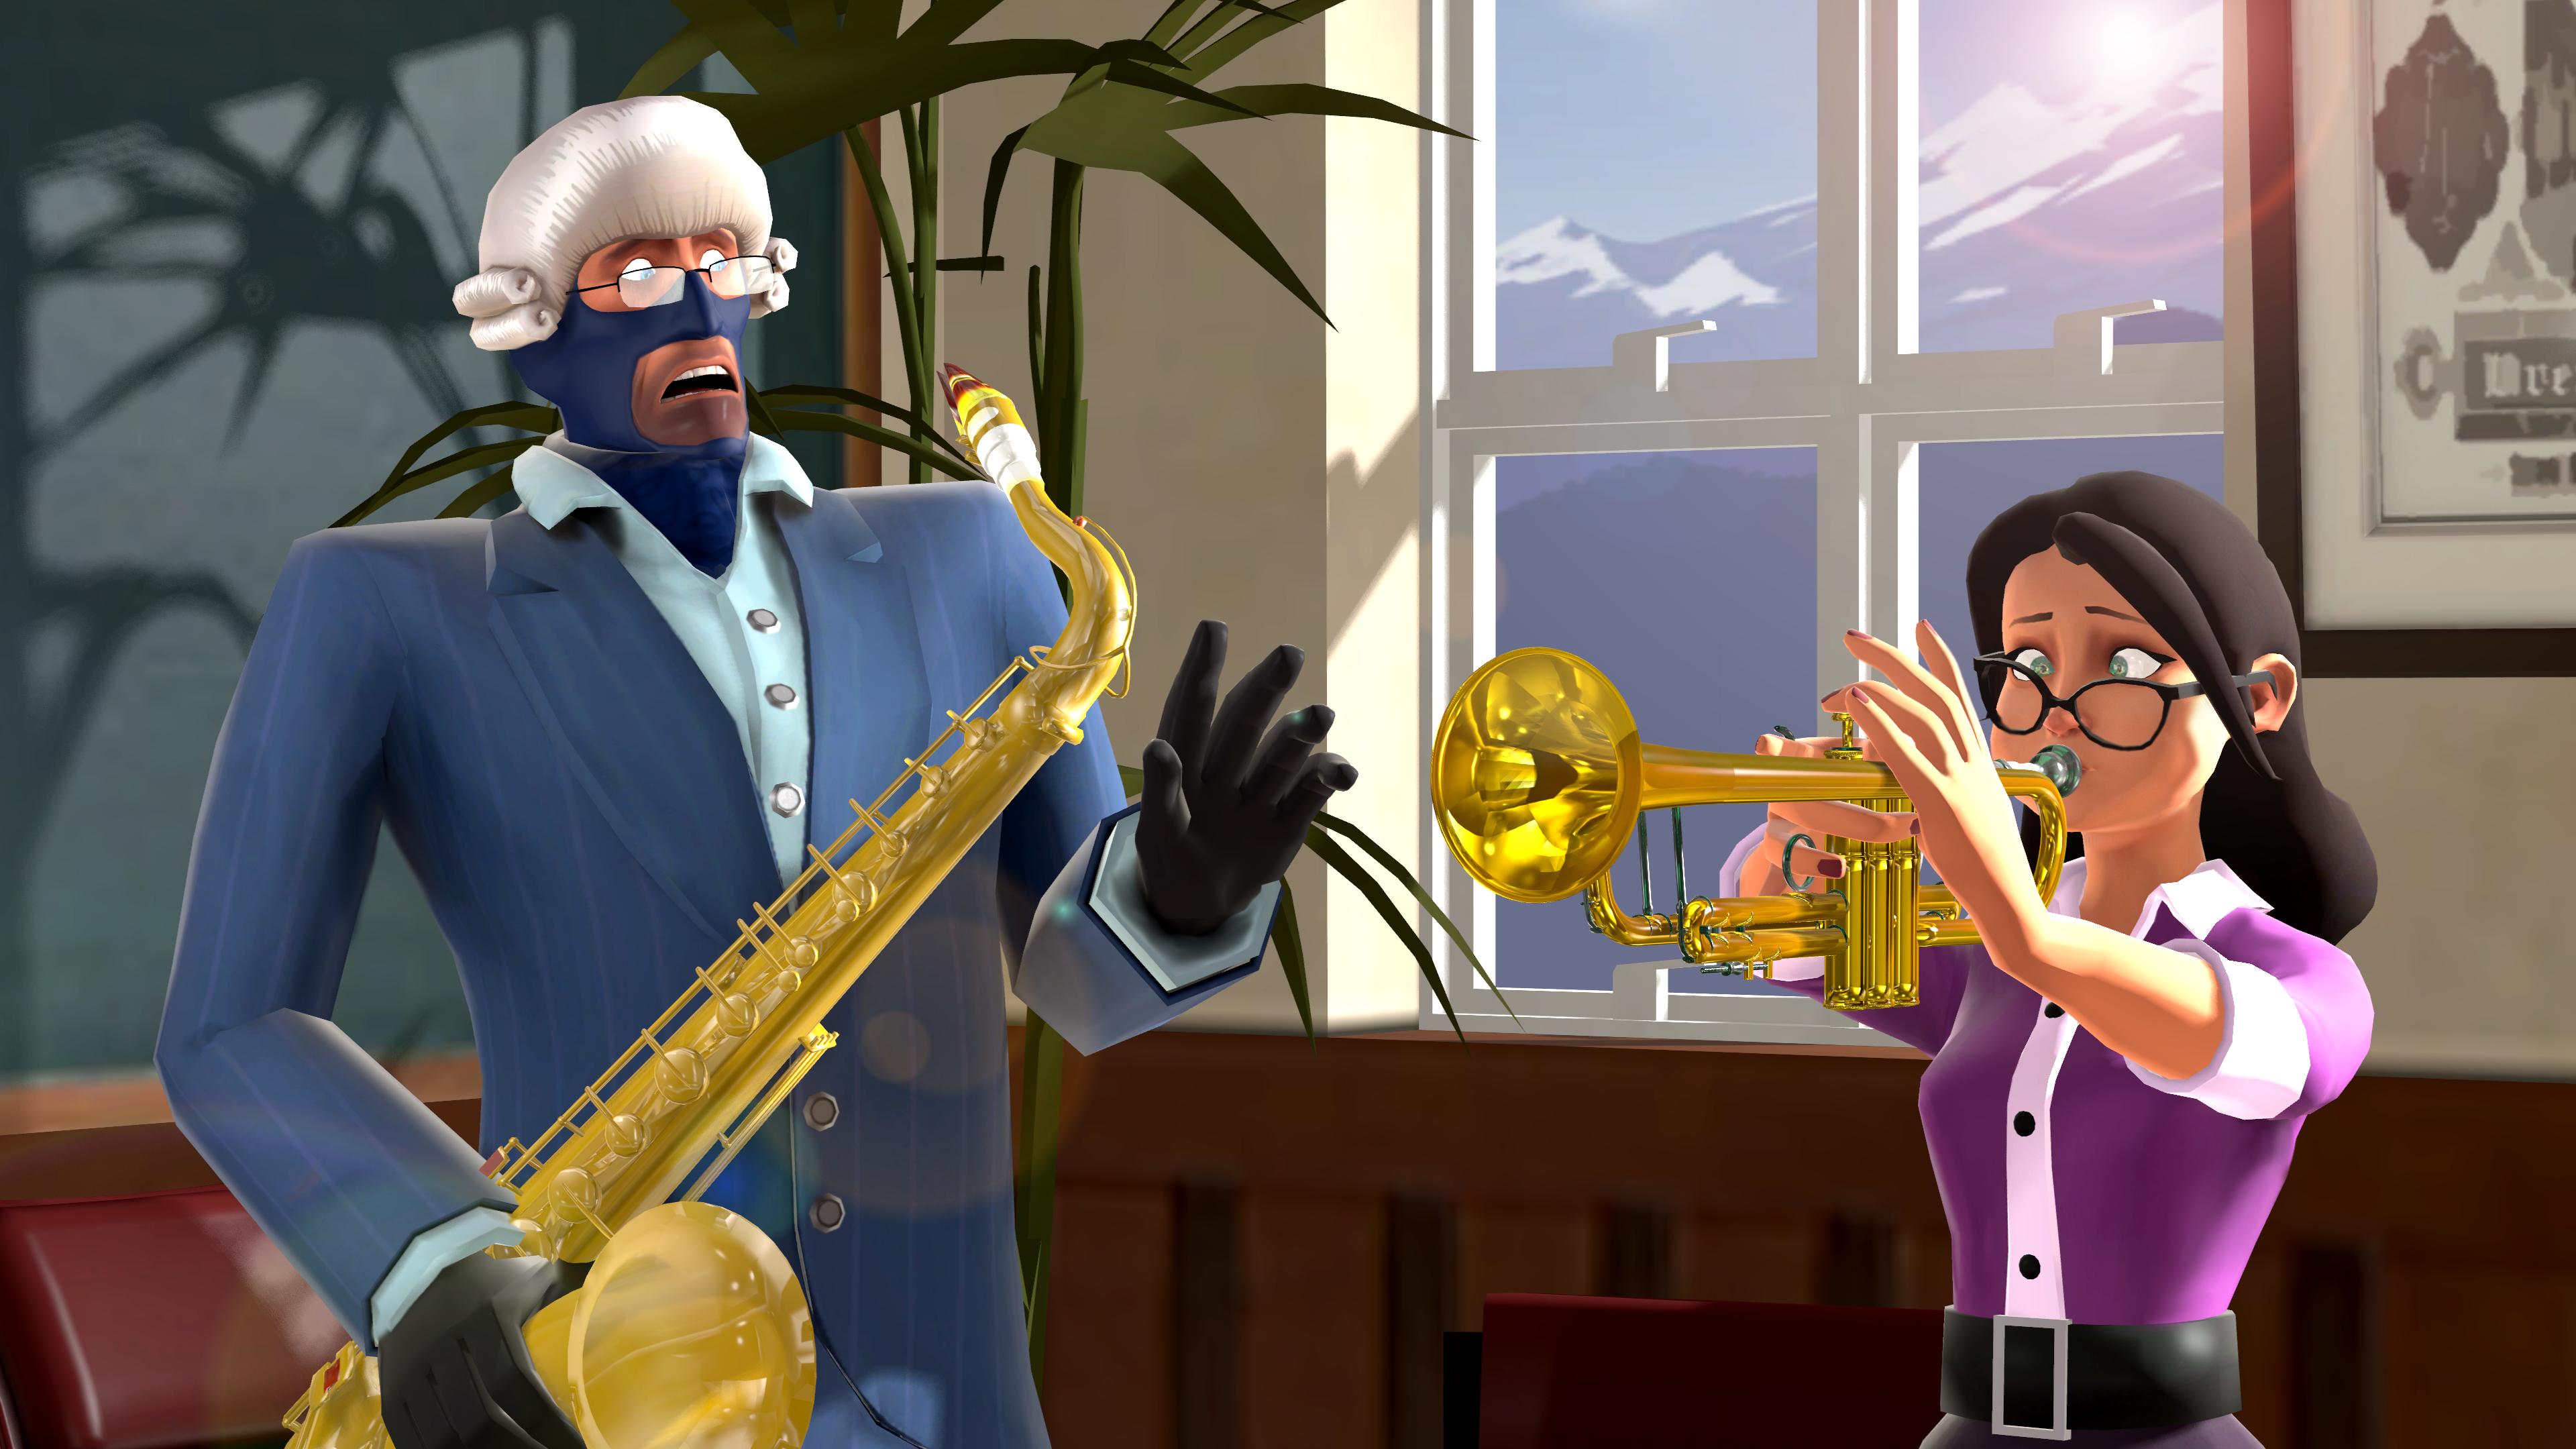 [SFM] Music Teacher by Mercer-Frey